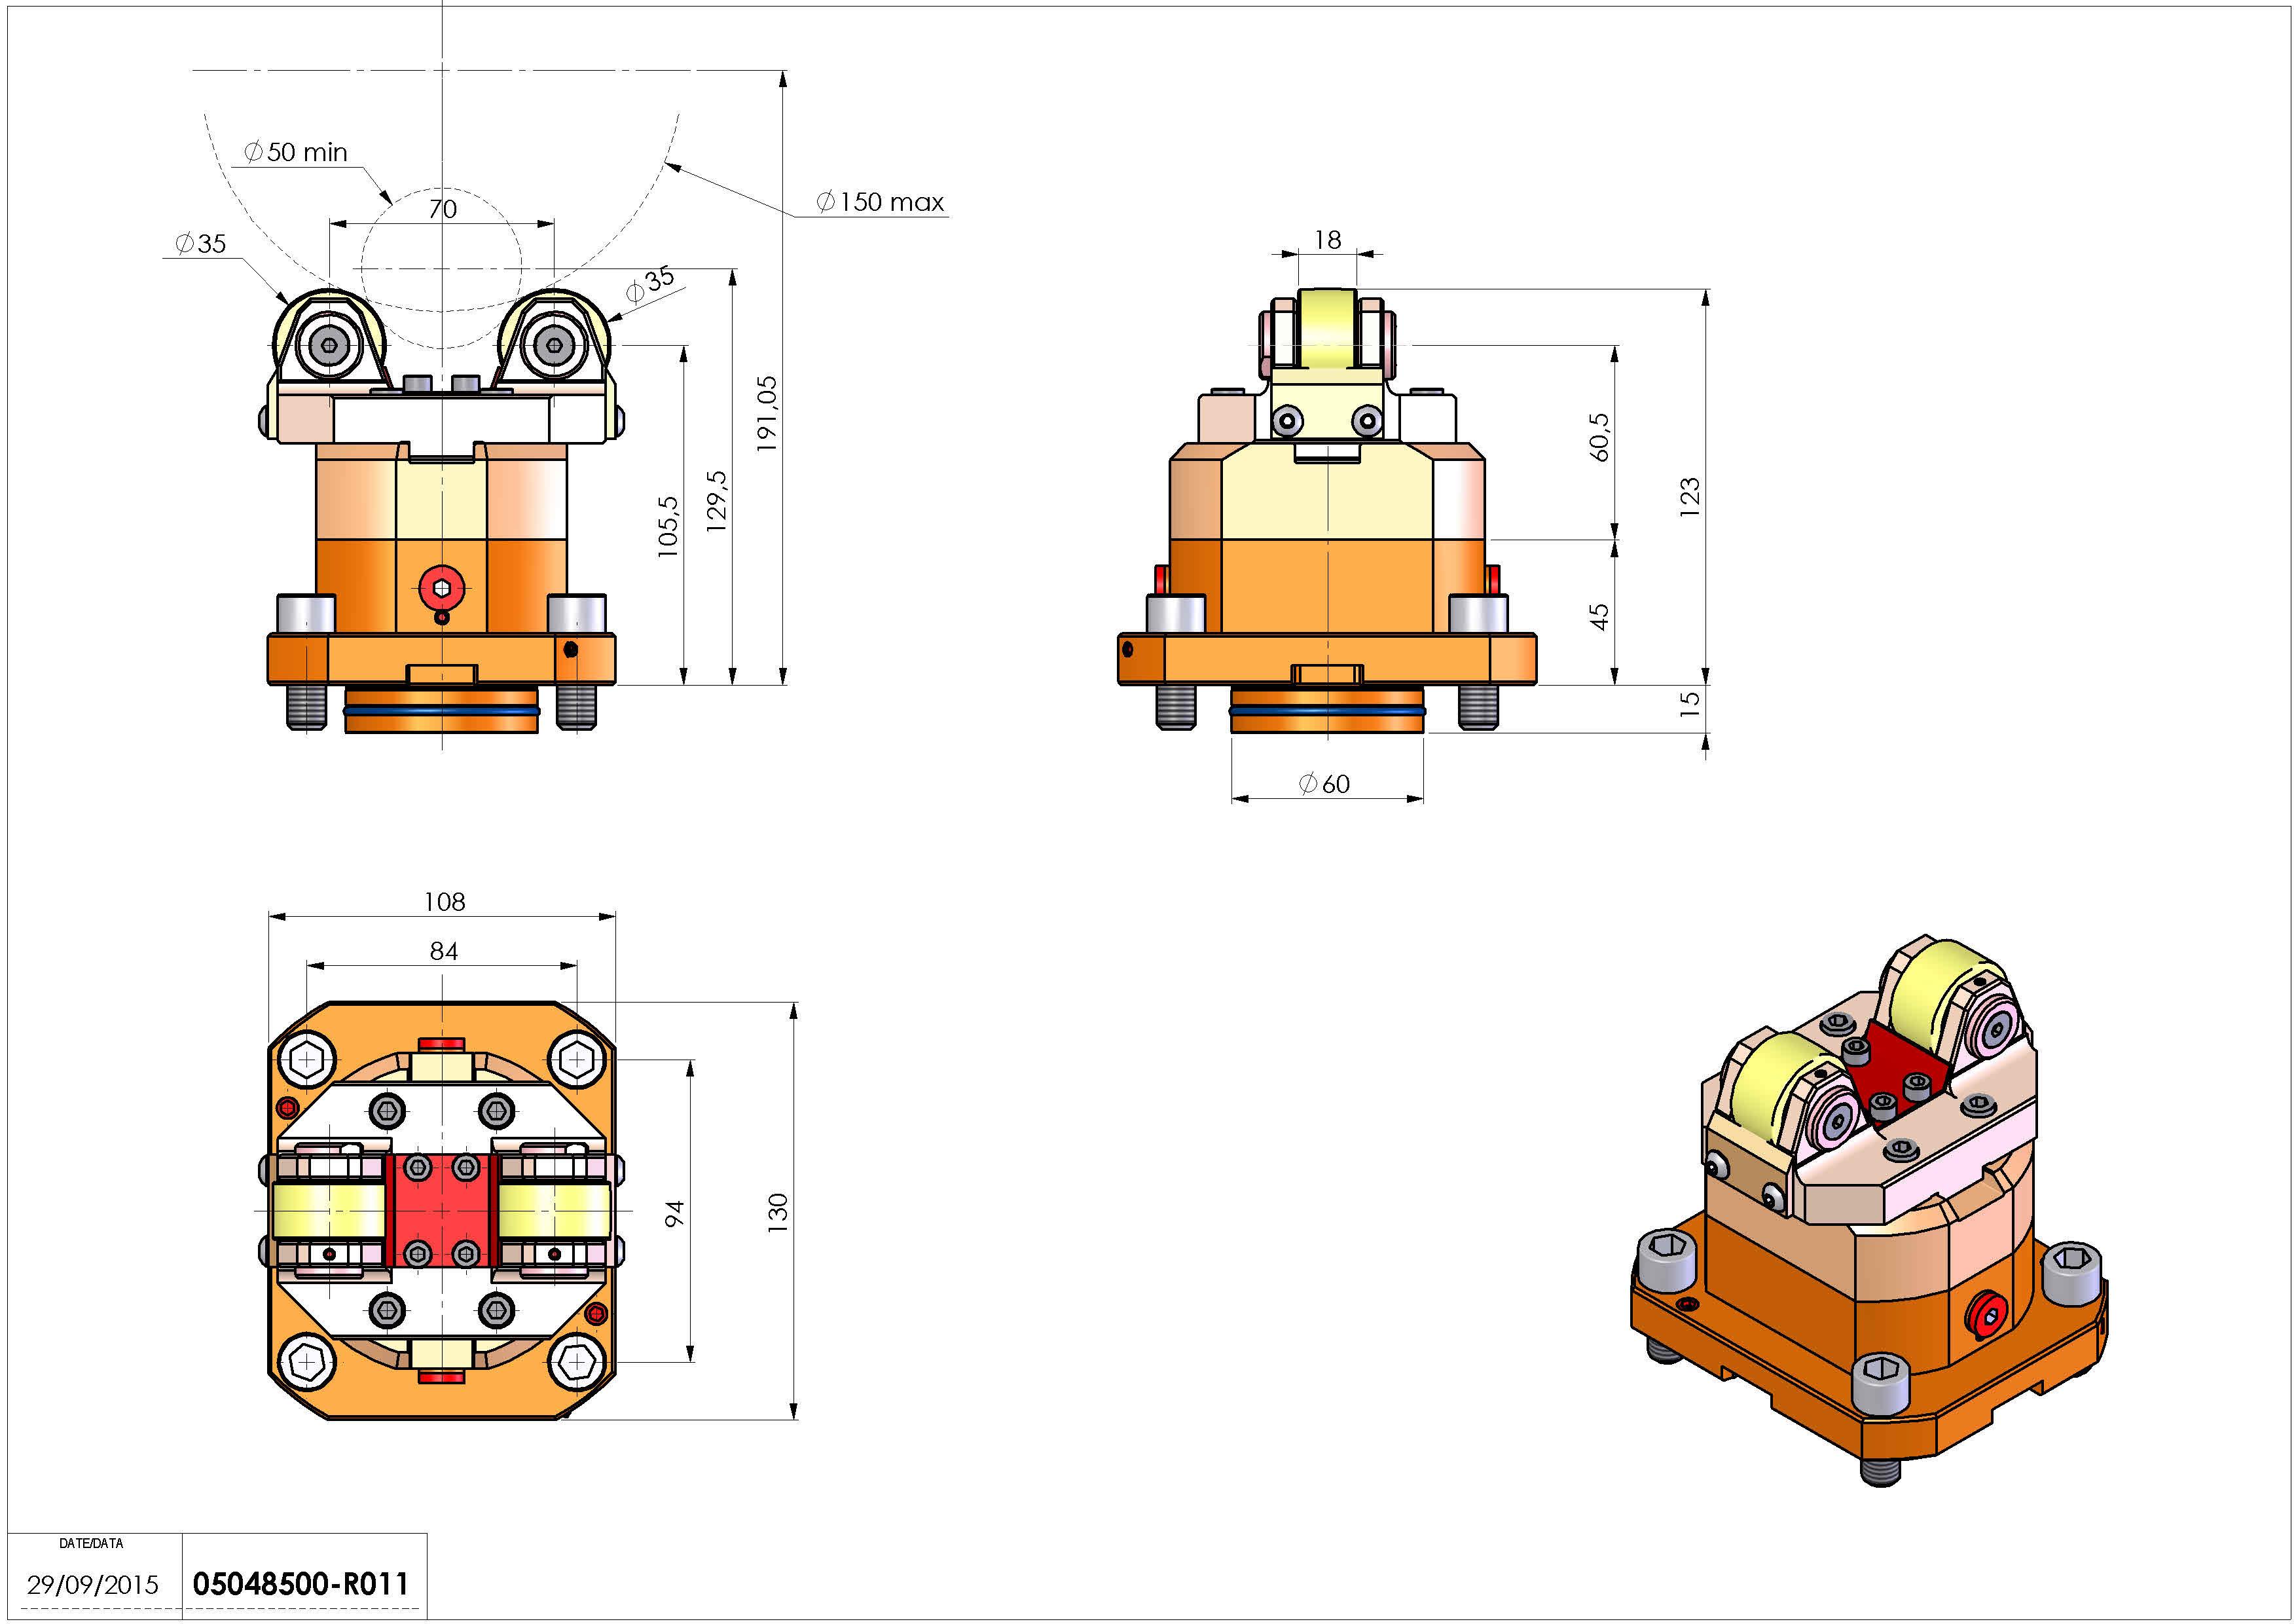 Technical image - SUPP ALB AX D50-150 D60 MS.